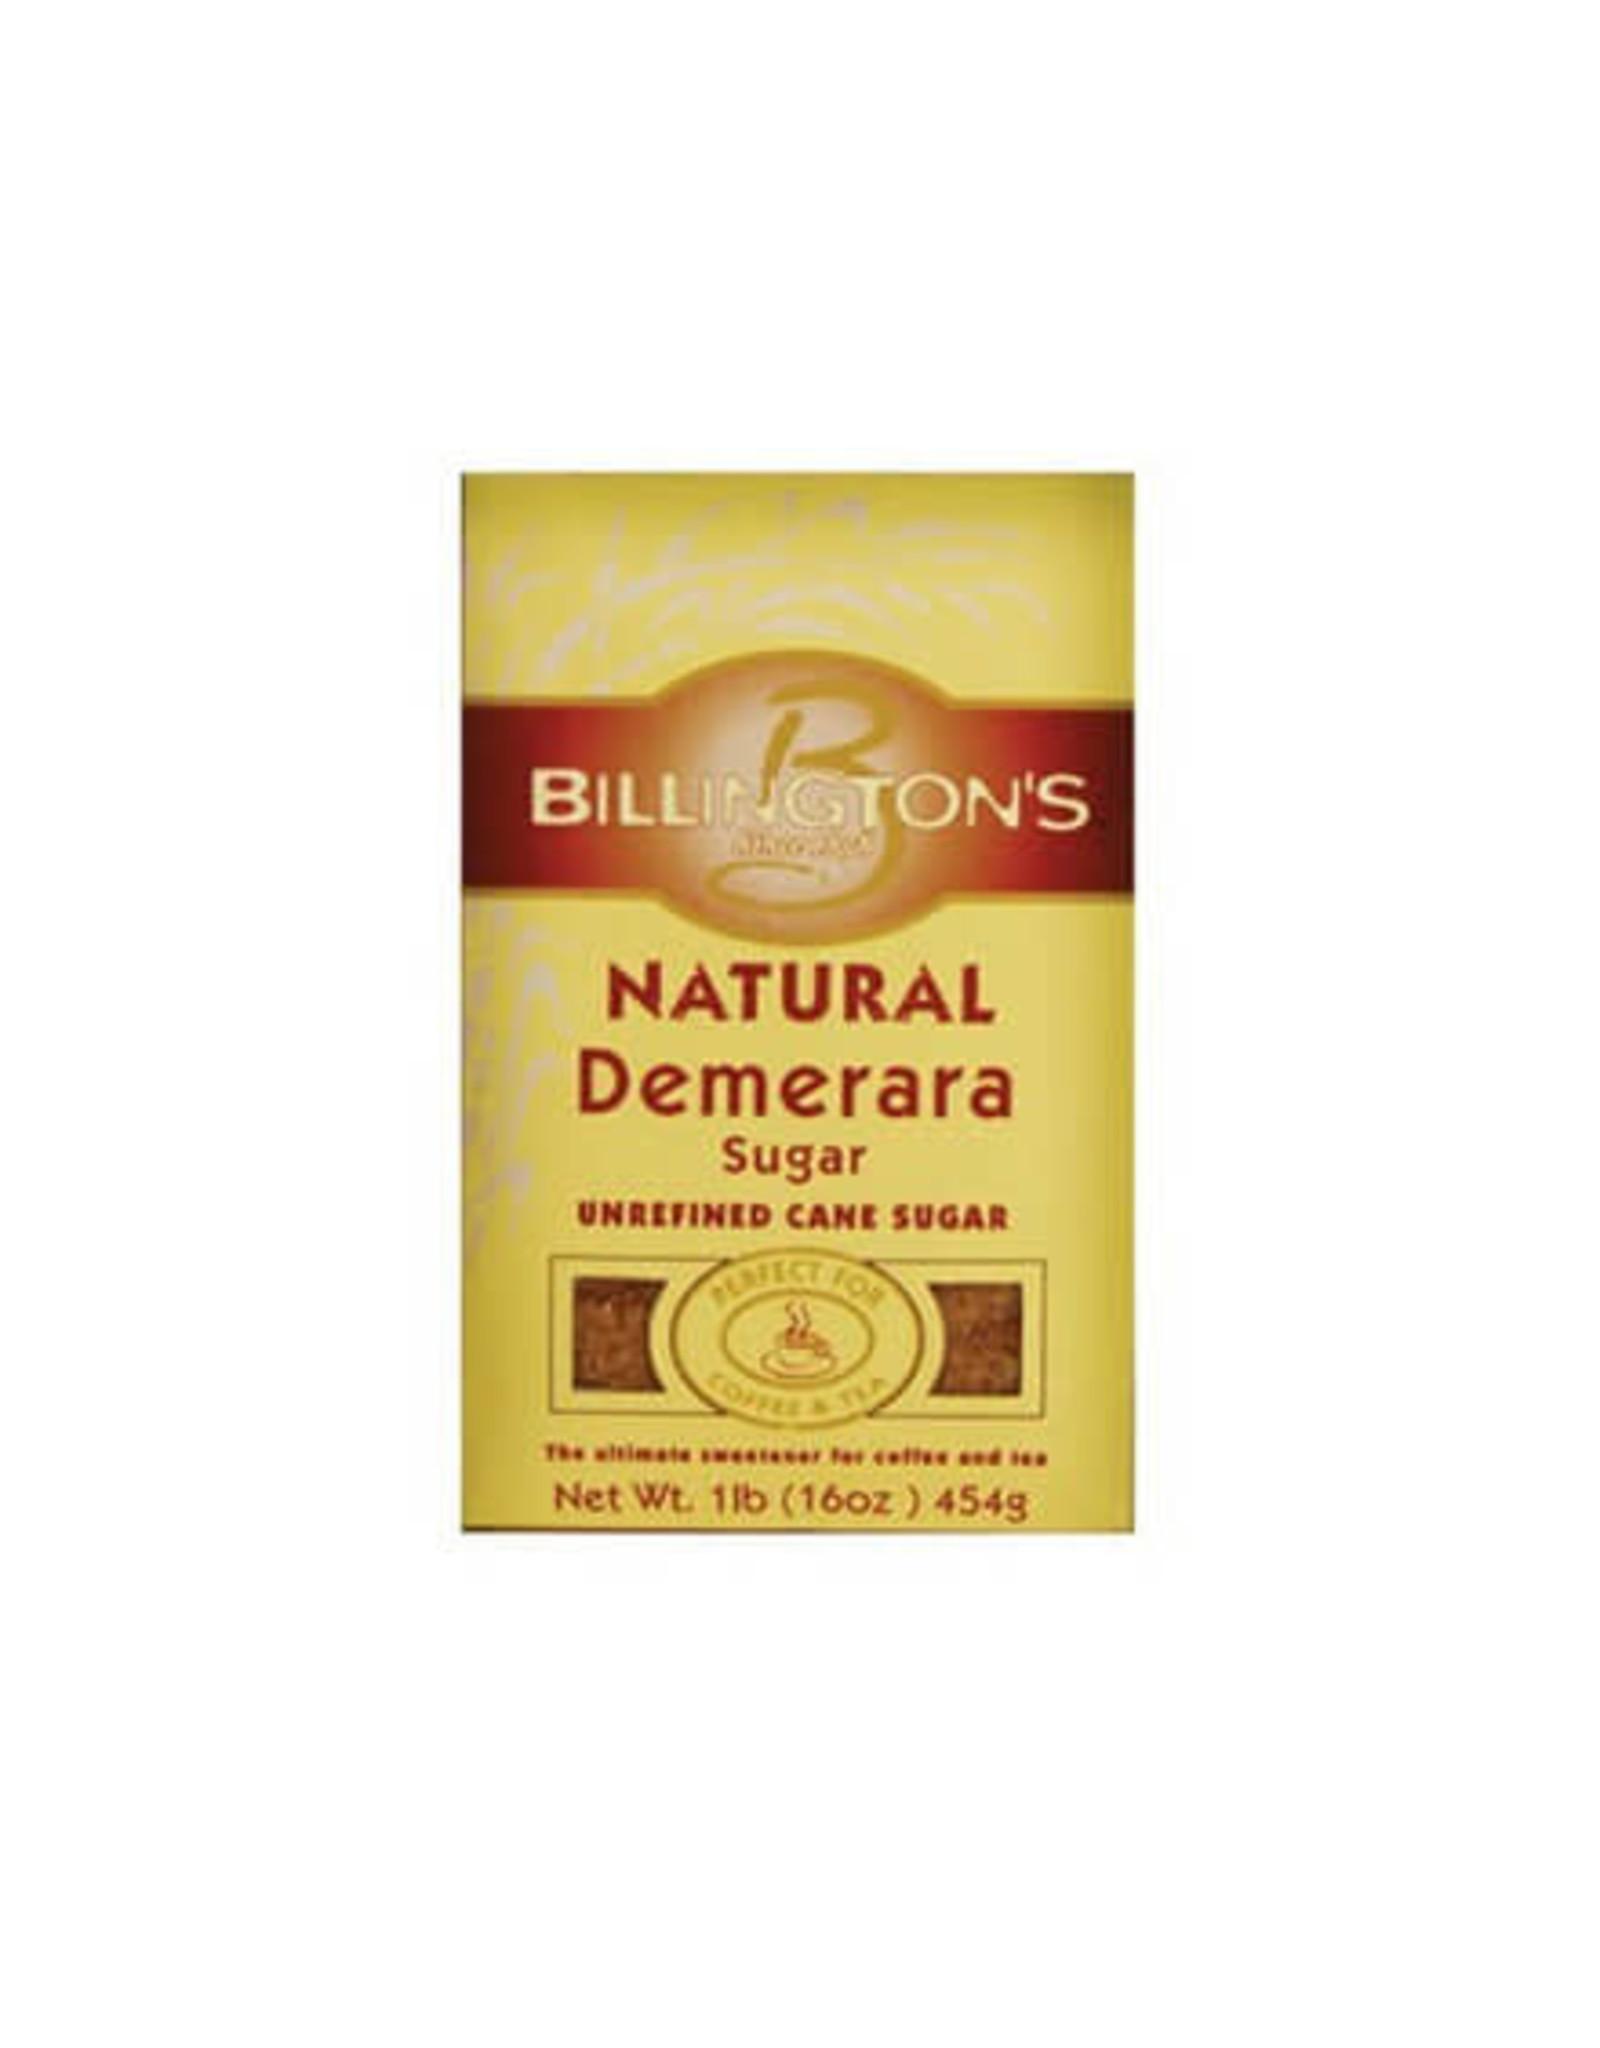 Billington's Billington's Natural Demerara Sugar 1lb.